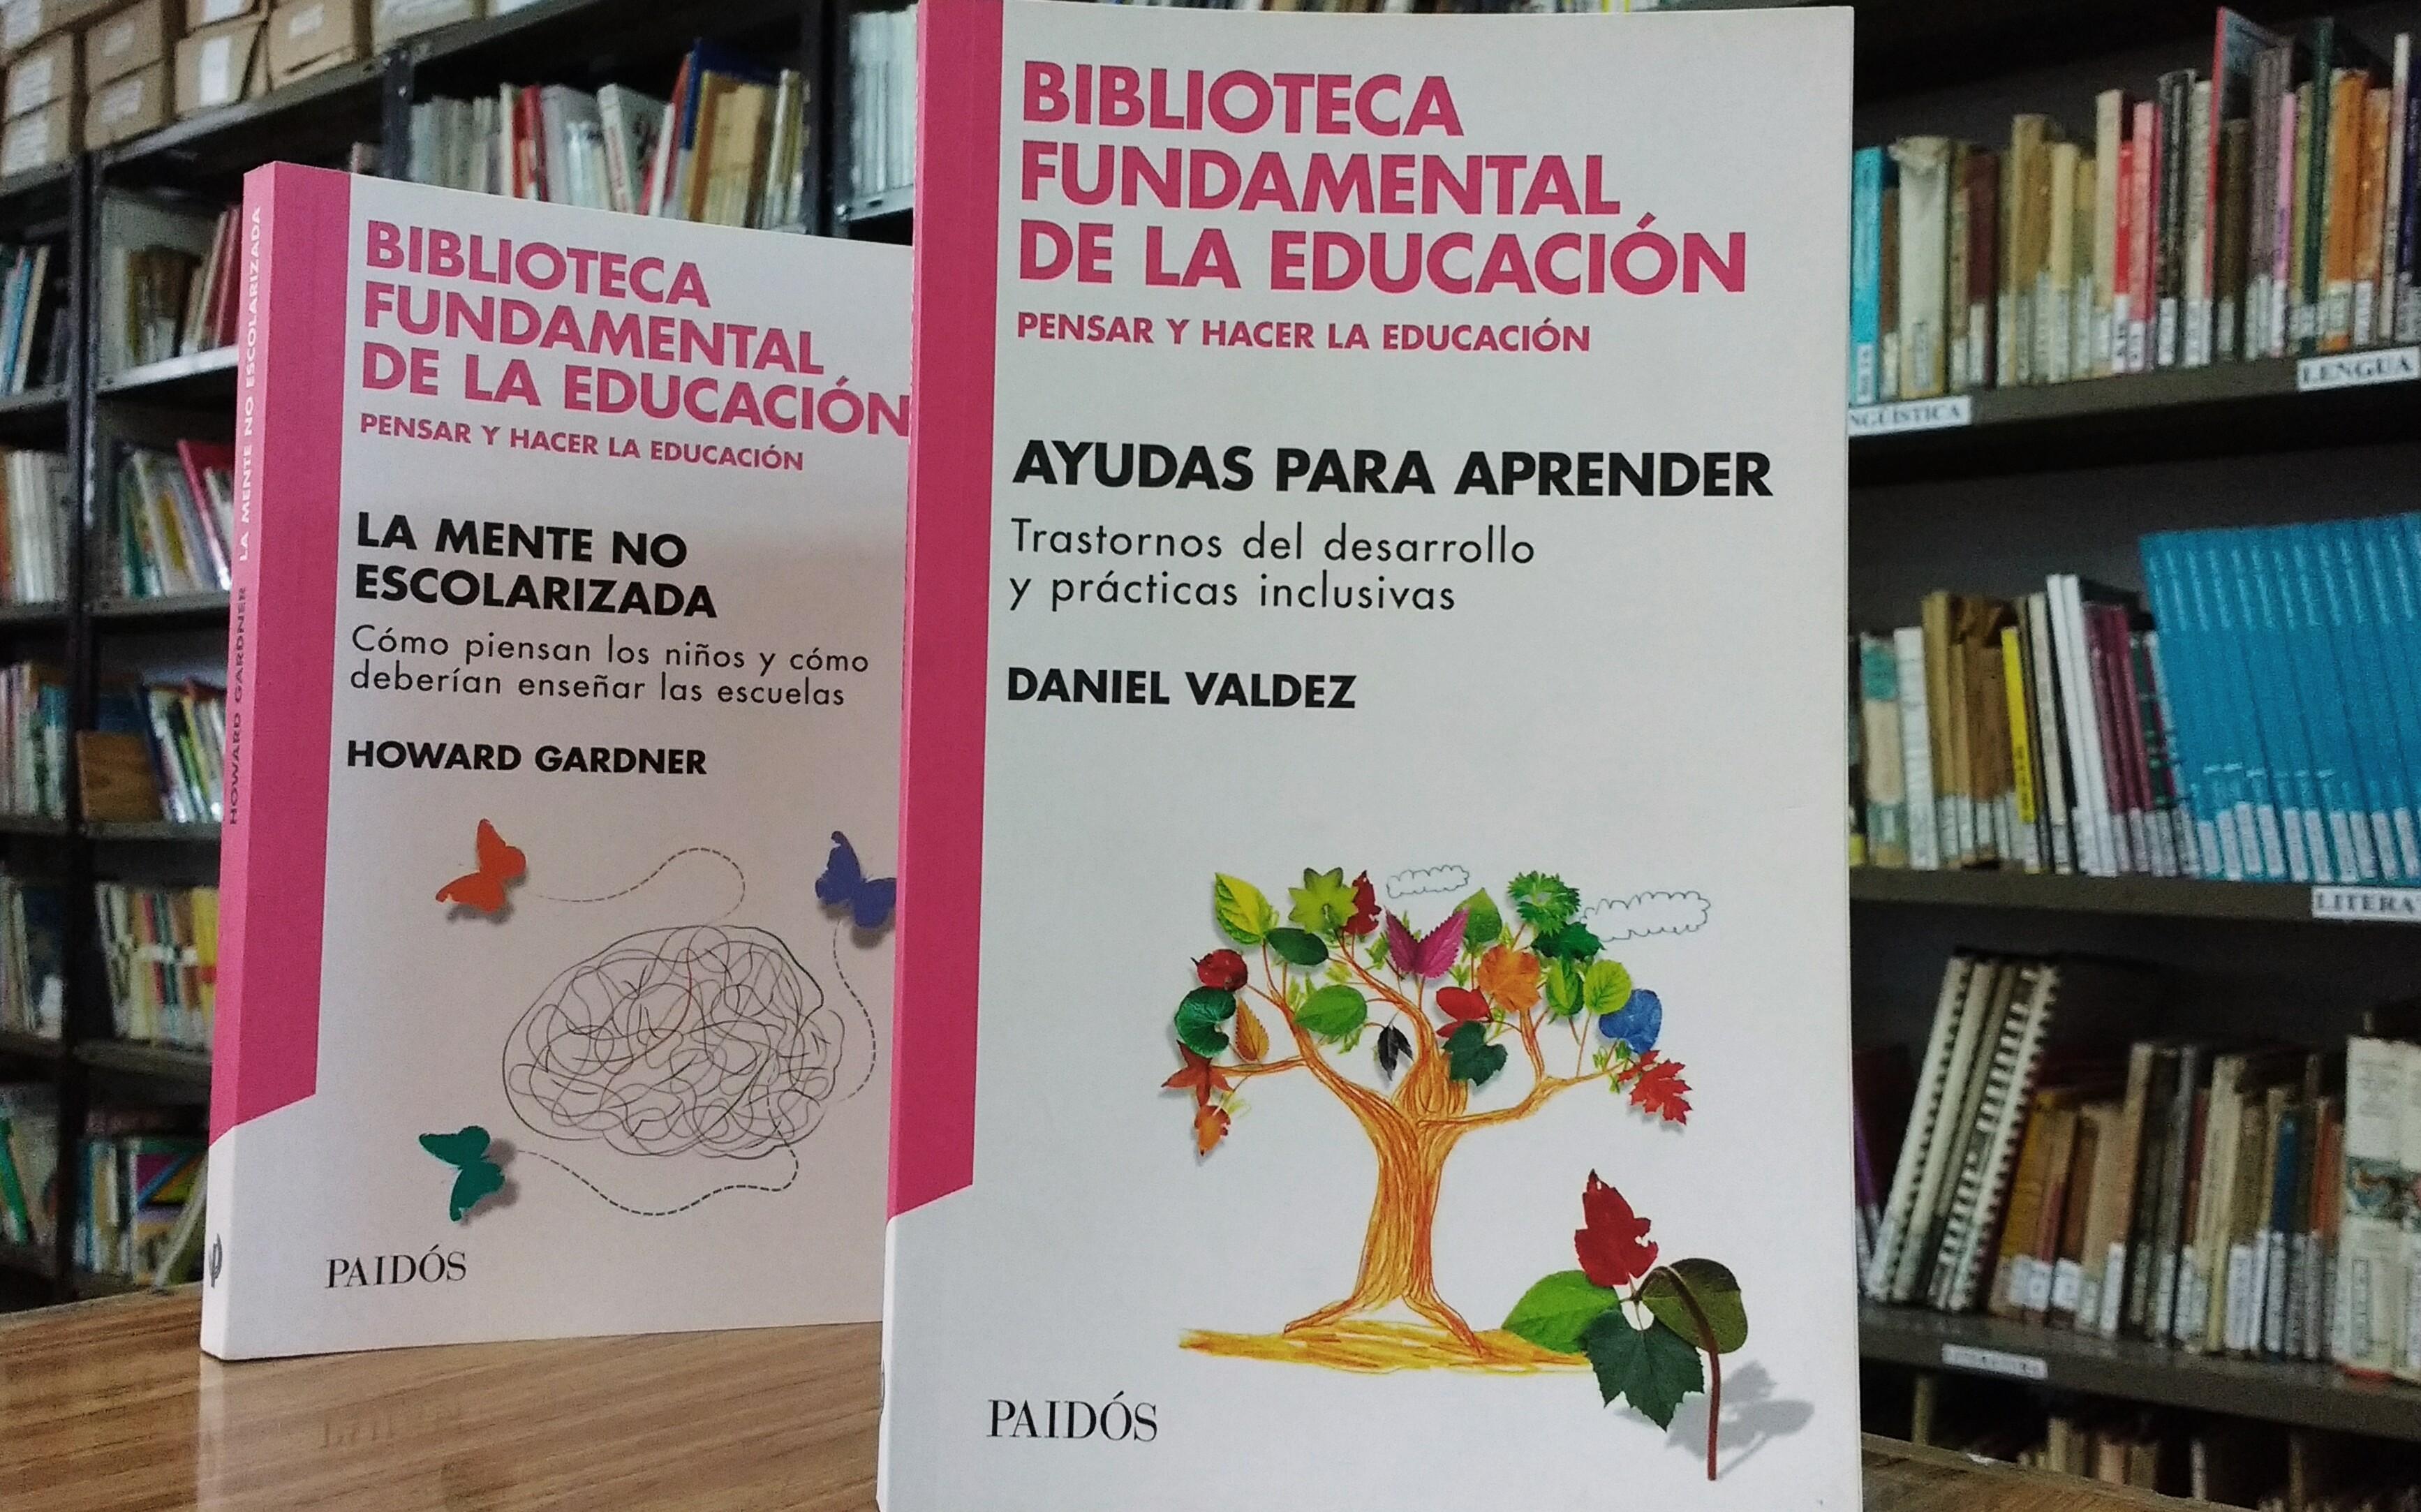 Nuevo Material en biblioteca «Ayudas para aprender. Trastornos del desarrollo y prácticas inclusivas»